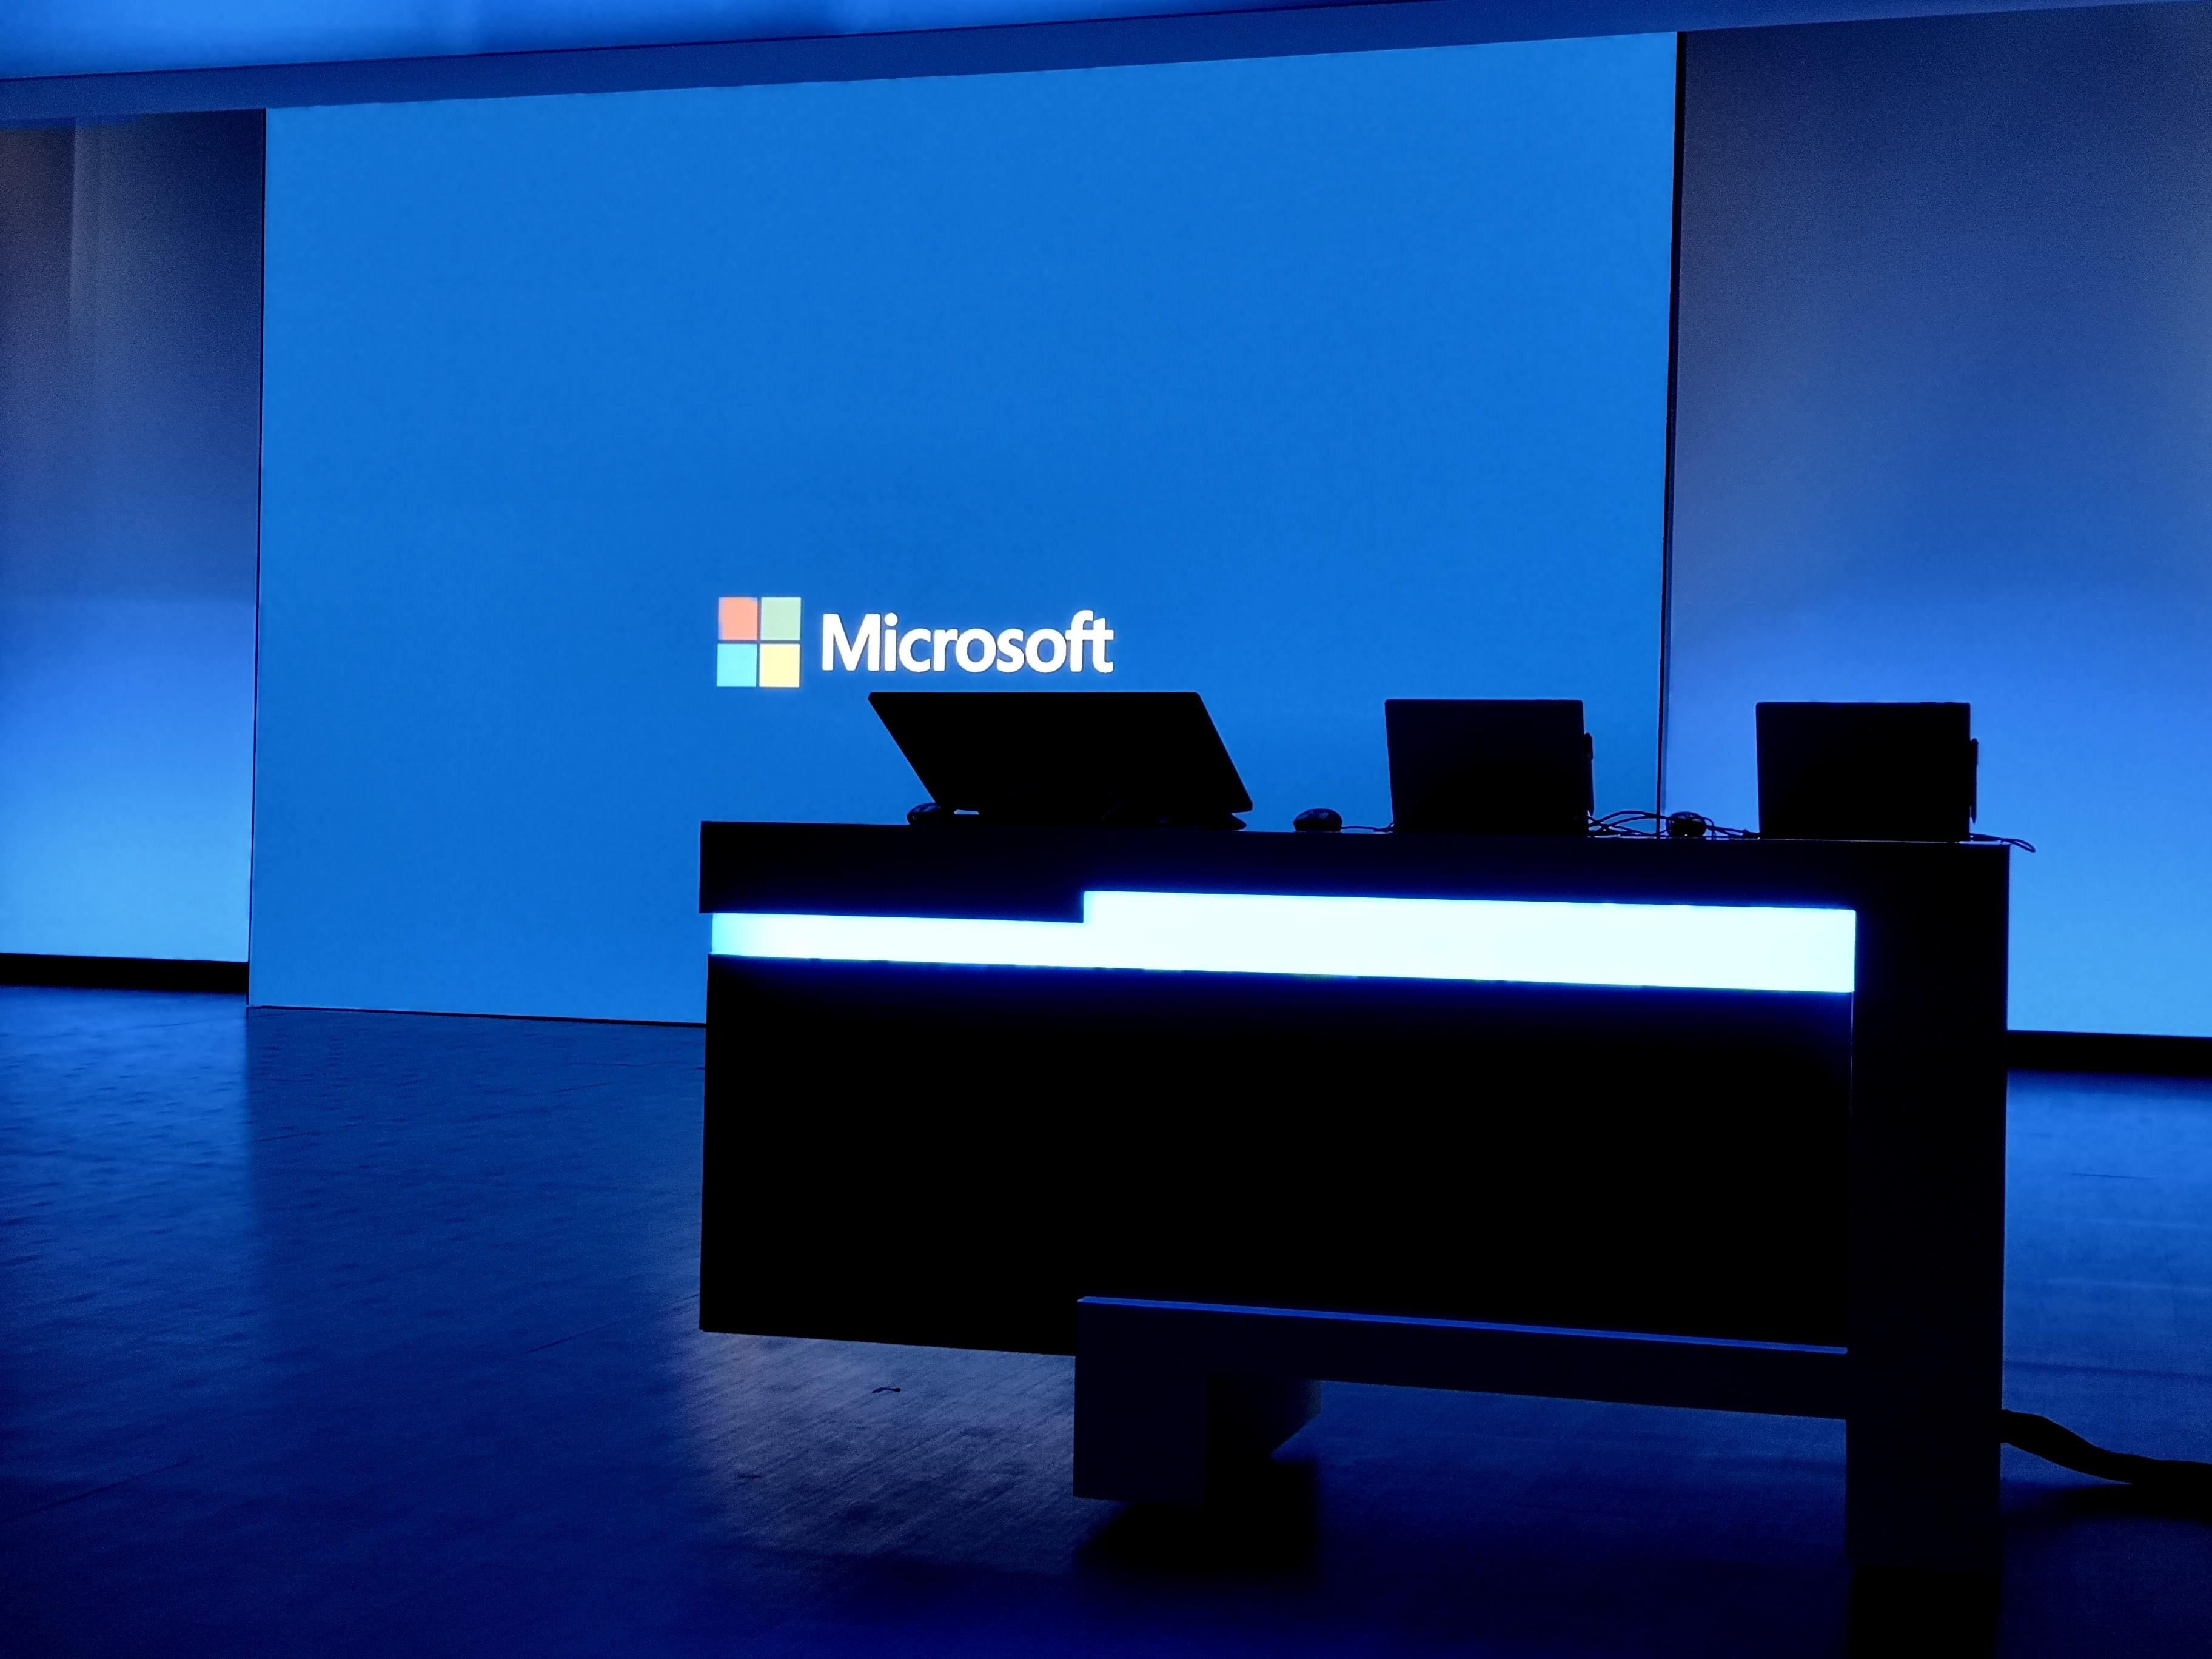 Last ned: Microsoft har nettopp oppdatert nye Windows 10